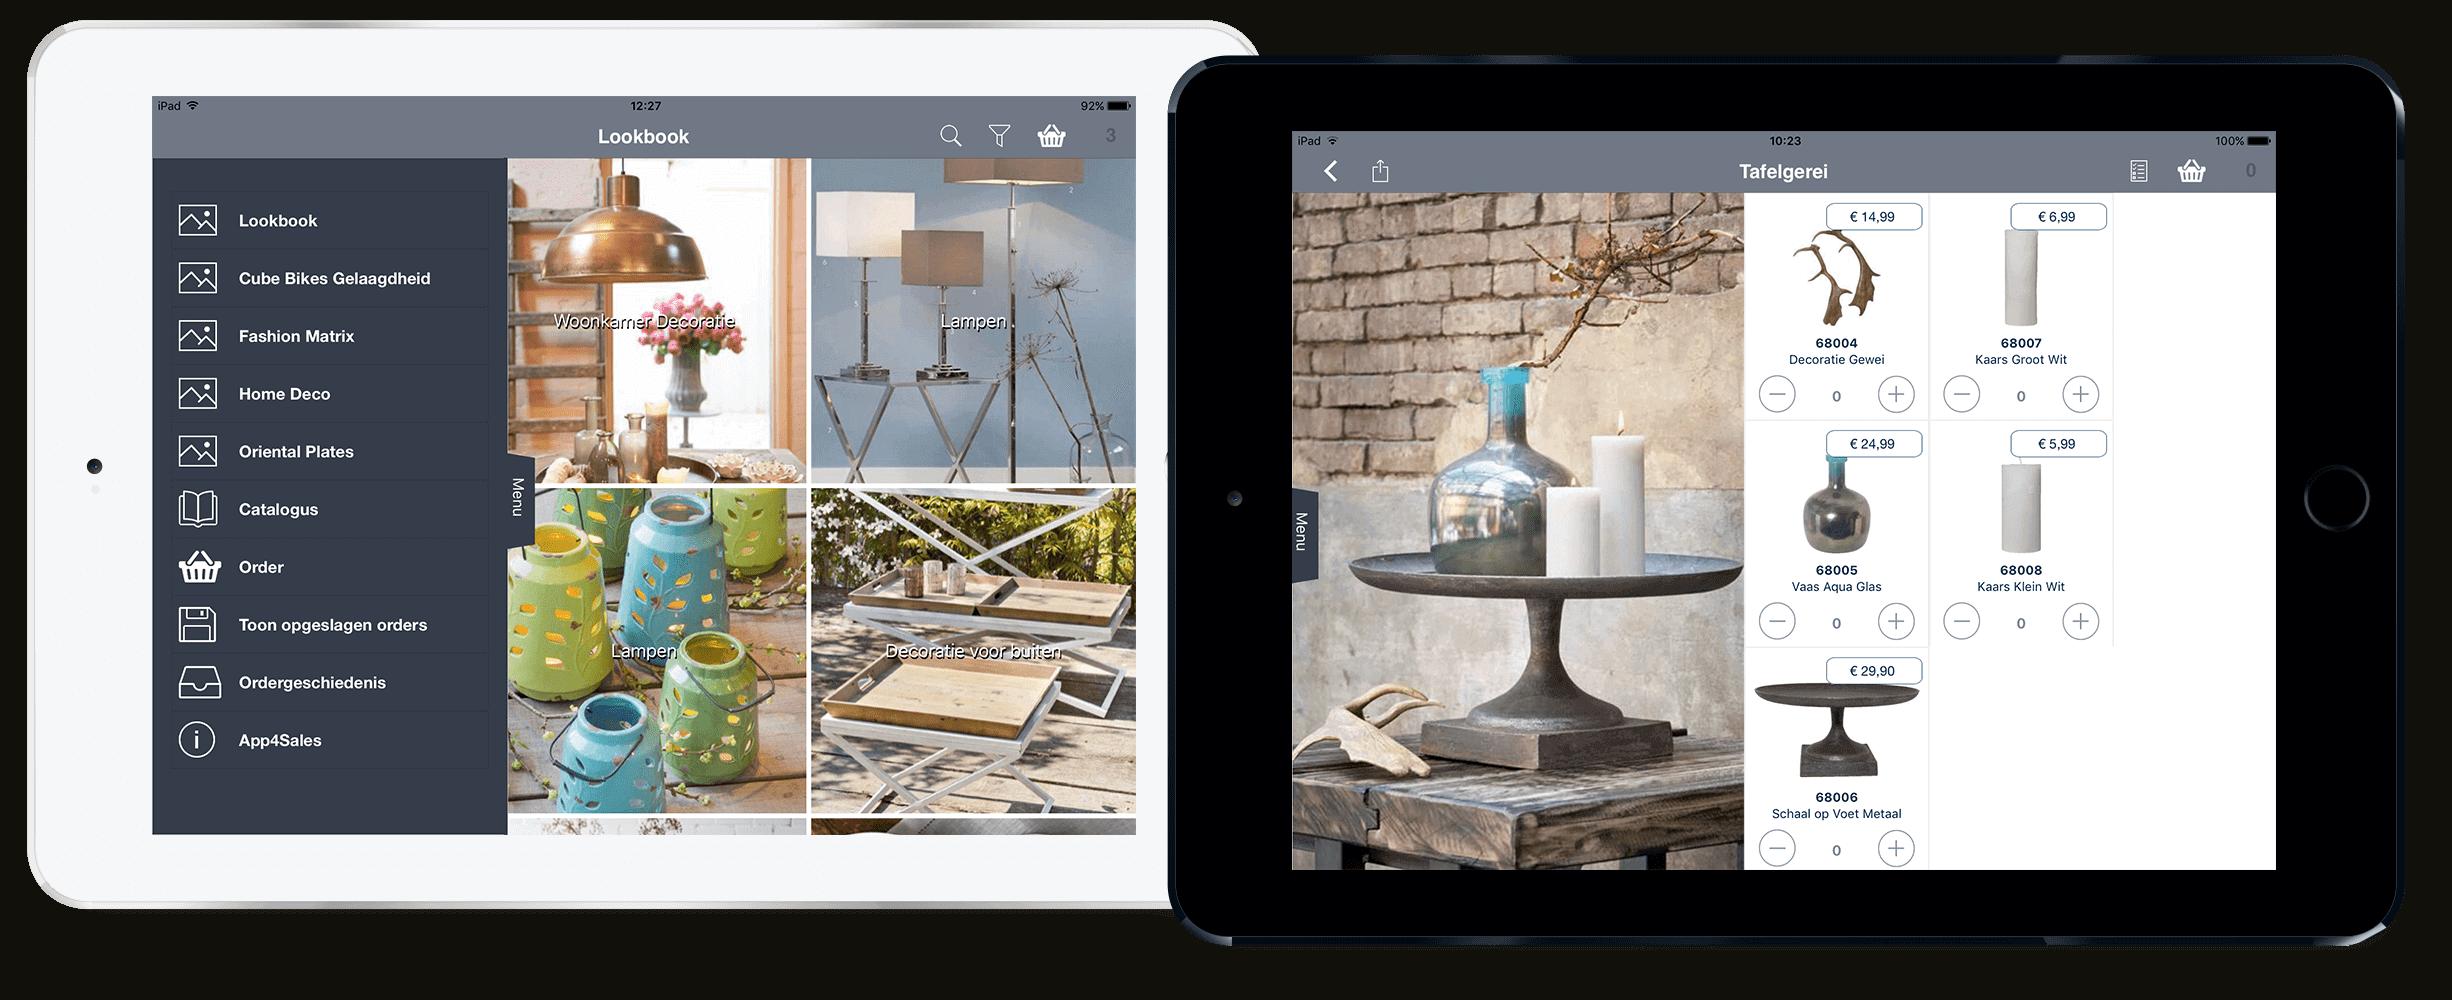 Met de Mobile Sales app eenvoudig producten verkopen